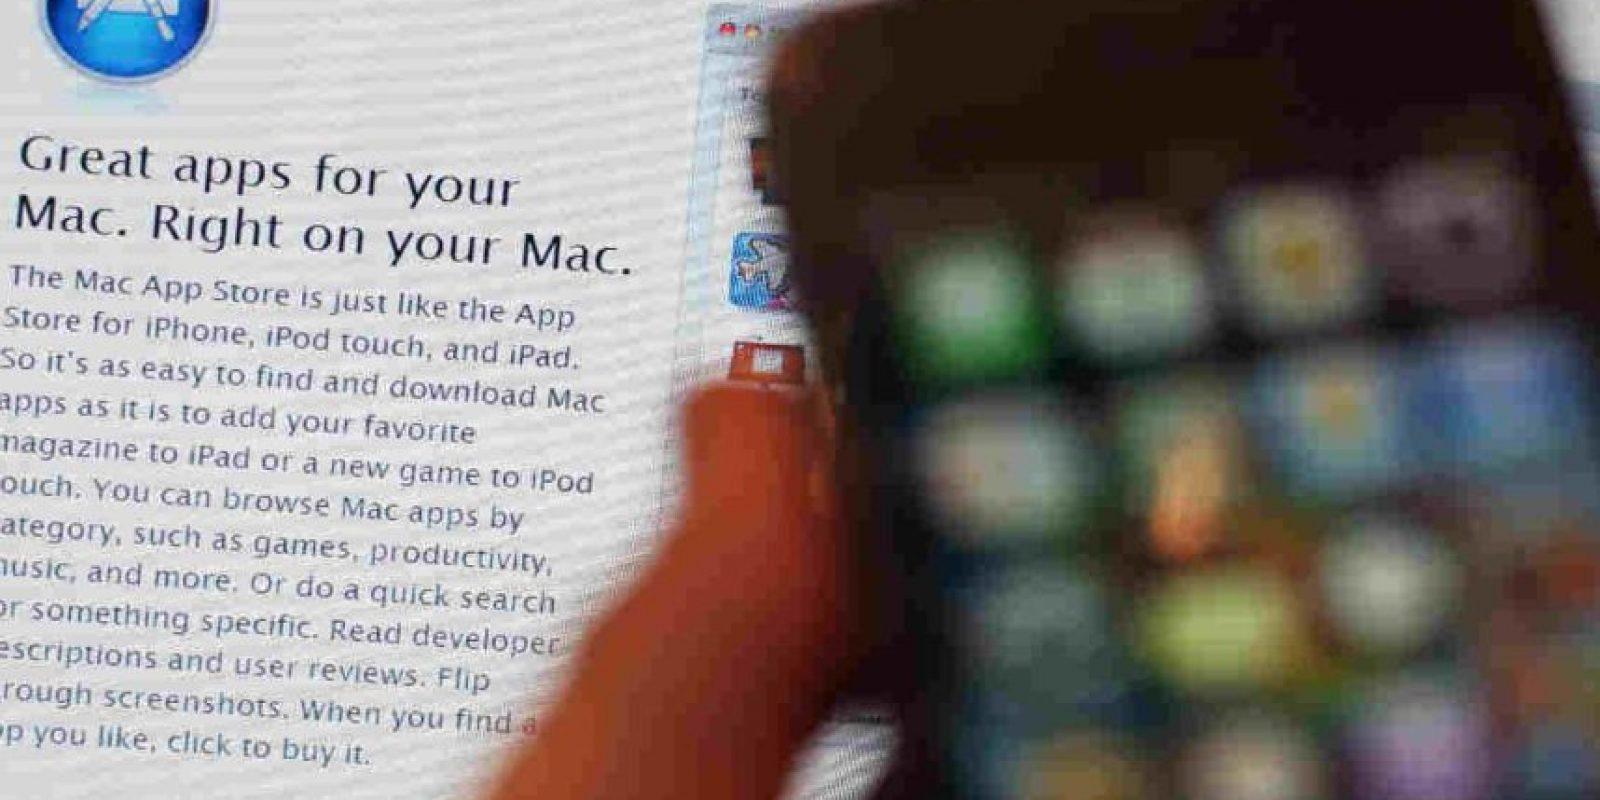 Sólo deben bajarla de las tiendas de aplicaciones que les correspondan. Foto:Getty Images